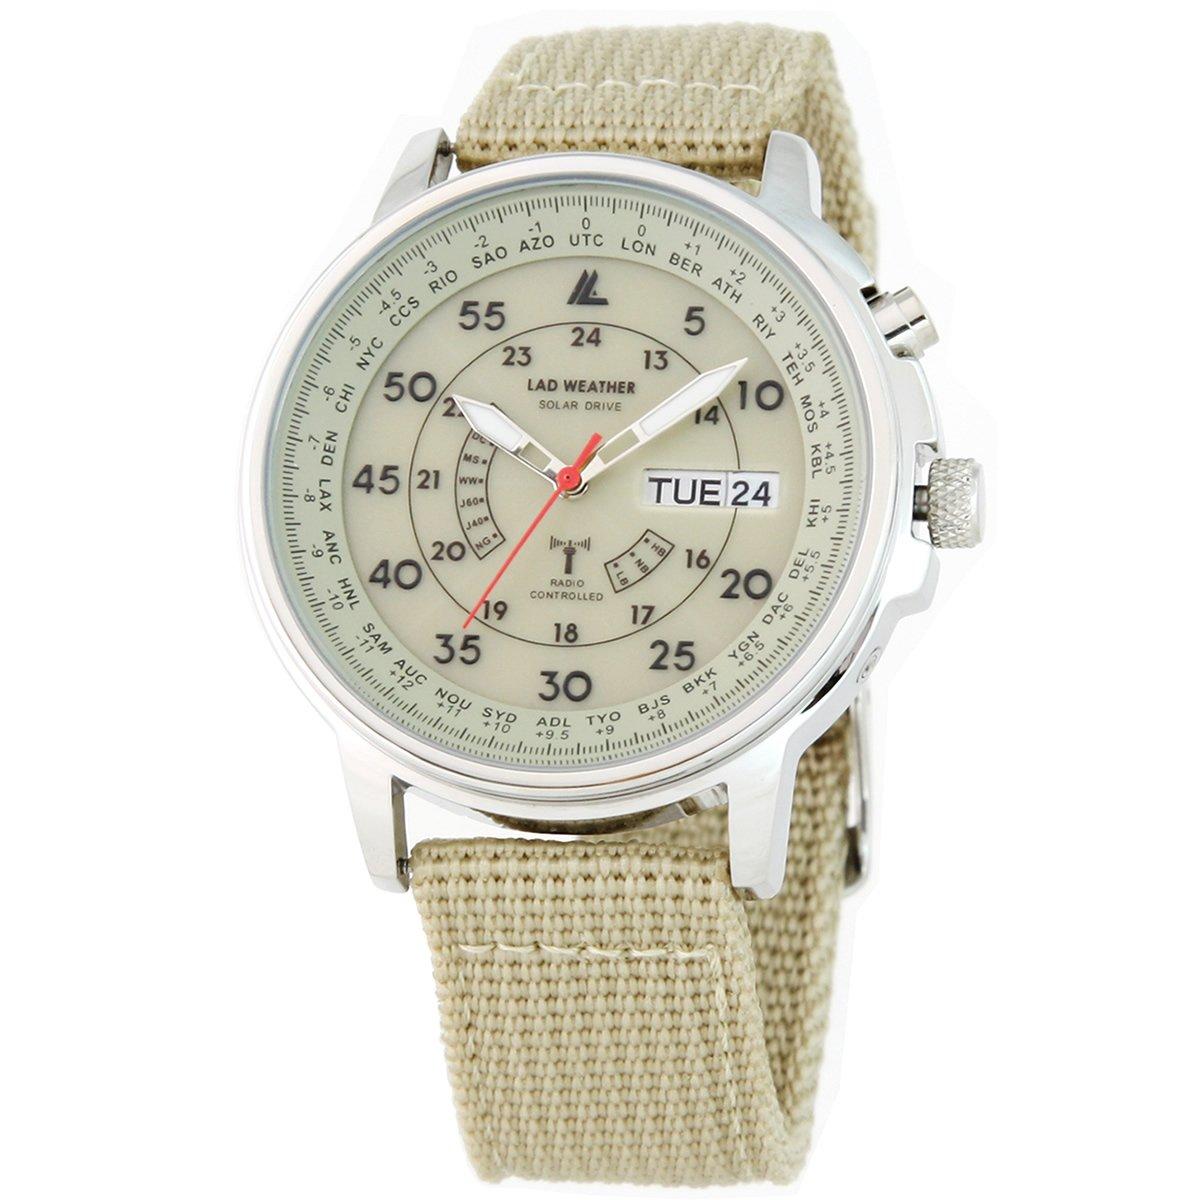 b28fedf452f440 [LAD WEATHER]腕時計 ソーラー電波時計 100m防水 ミリタリー時計 ベージュ lad017